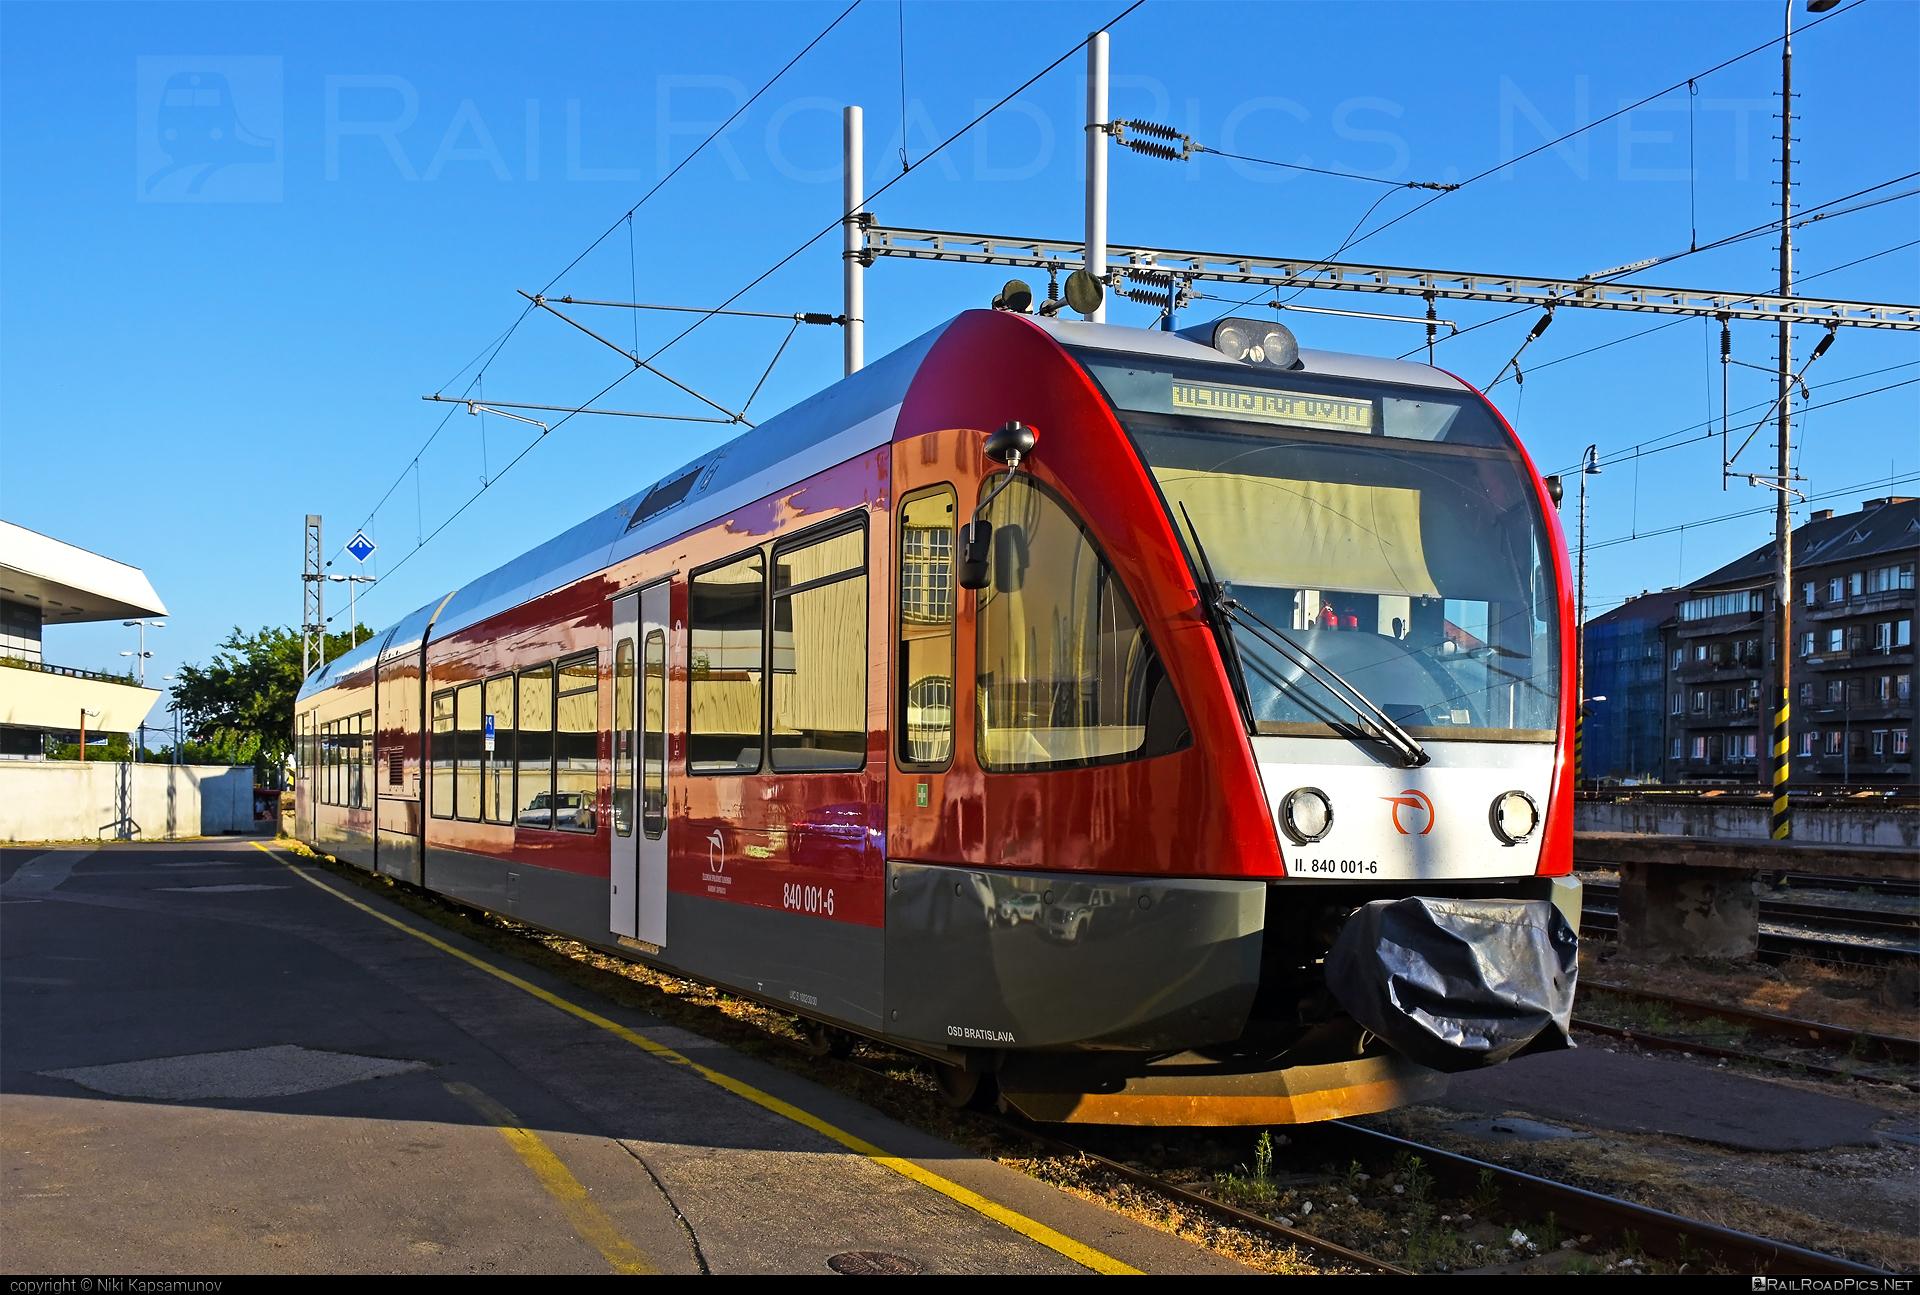 GTW Vysoké Tatry Class 840 - 840 001-6 operated by Železničná Spoločnost' Slovensko, a.s. #ZeleznicnaSpolocnostSlovensko #delfin #gtw26 #gtwvysoketatry #zssk #zssk840